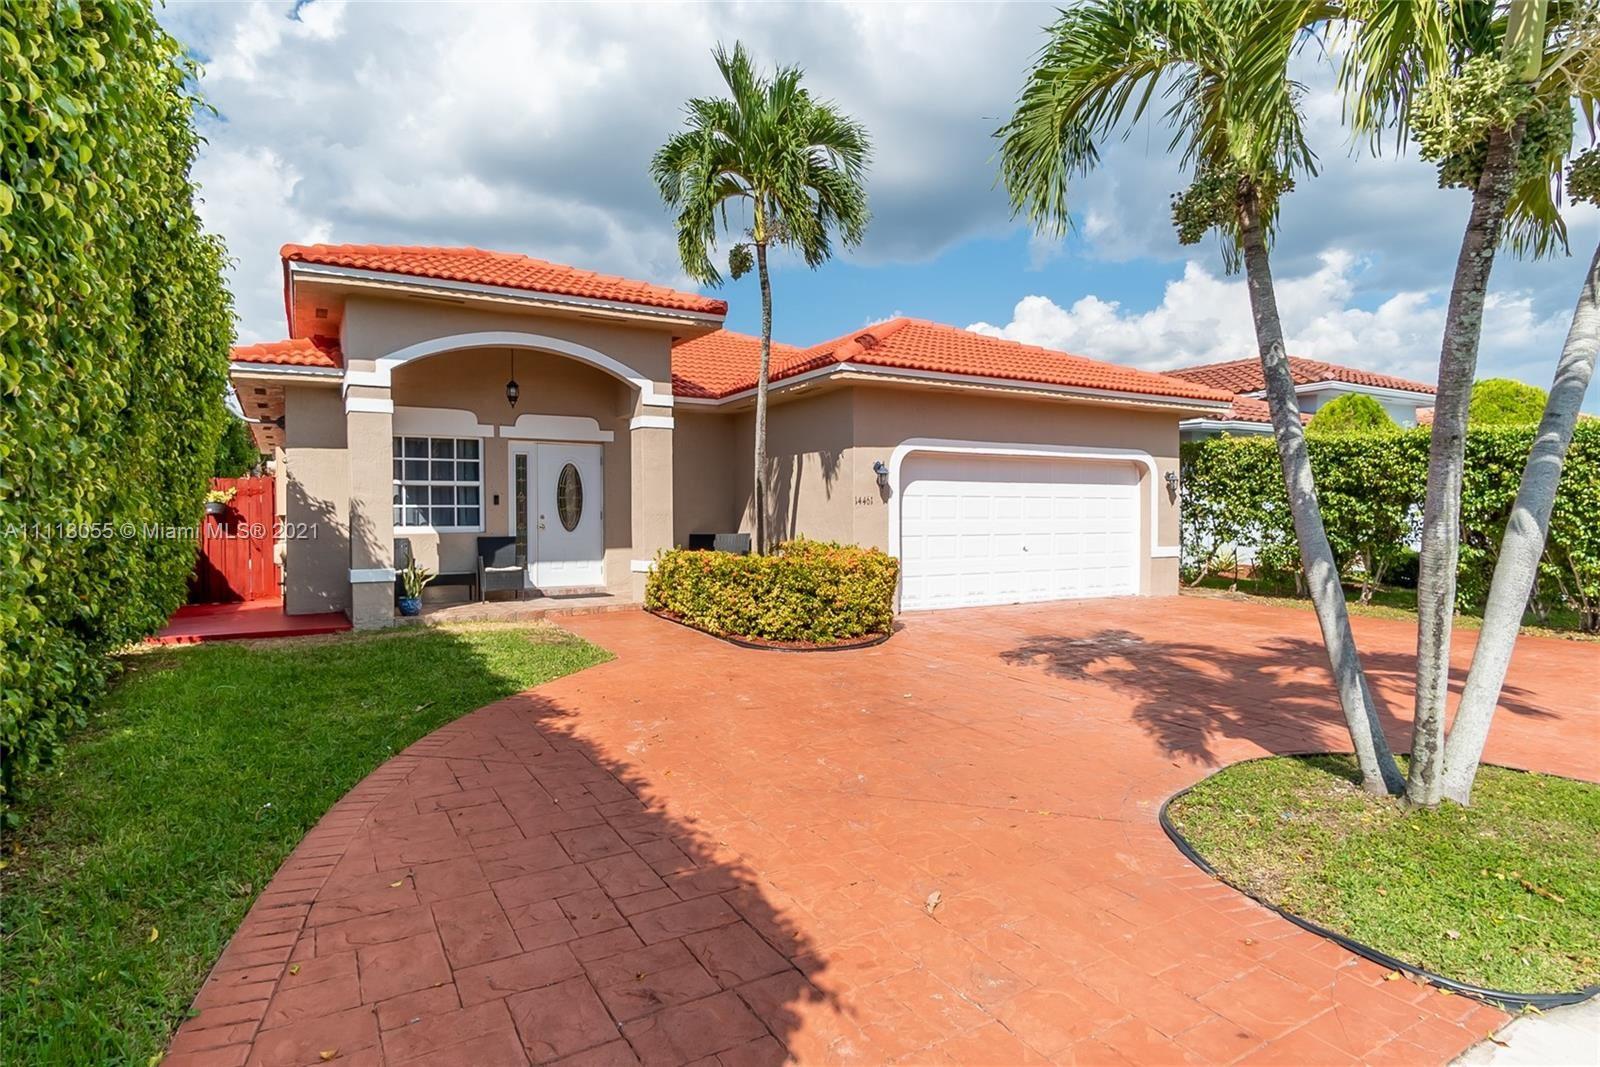 14461 SW 180th Ter, Miami, FL 33177 - #: A11113055